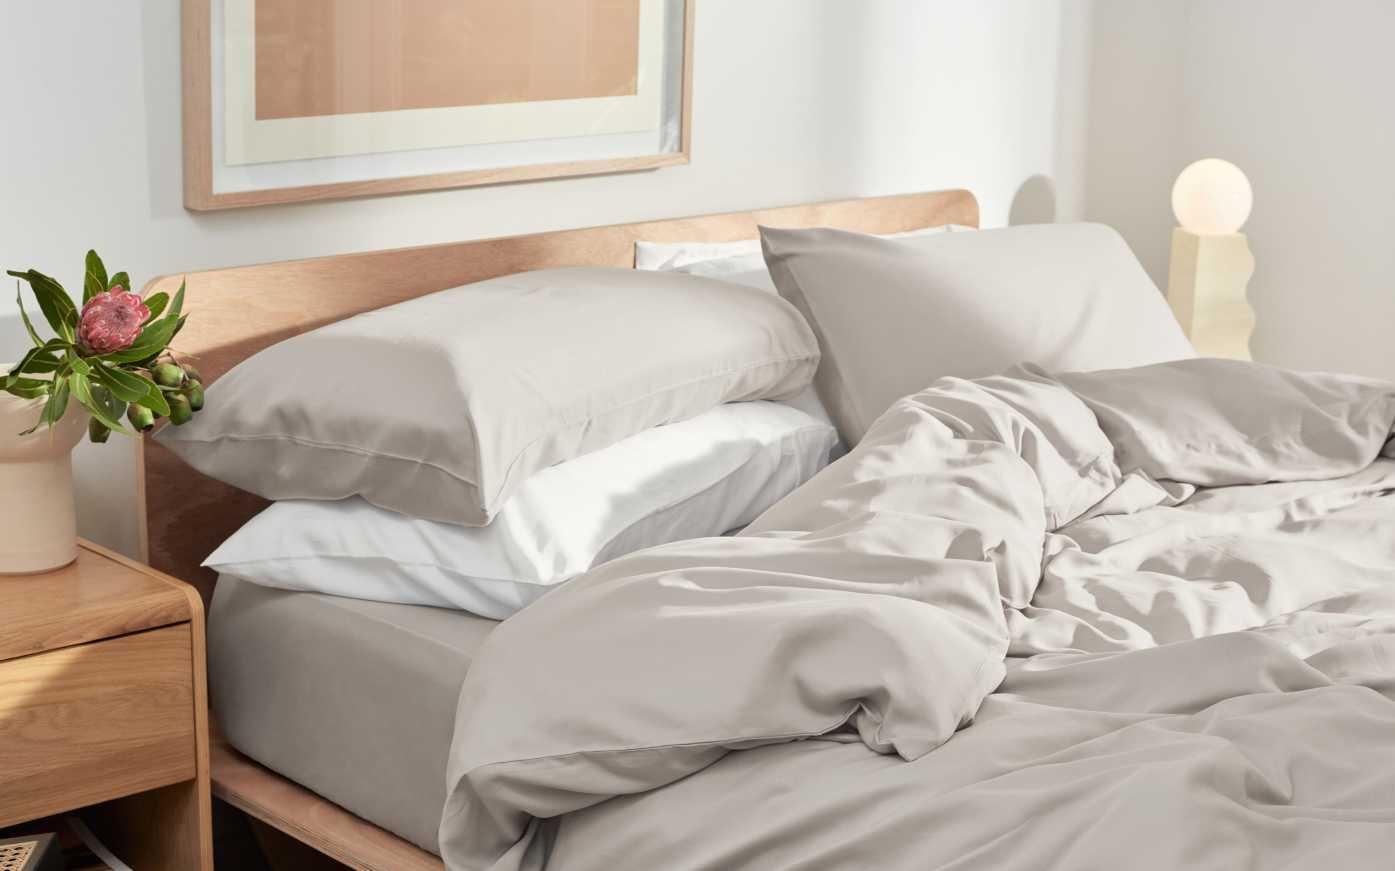 koala pillow for sweaty sleepers